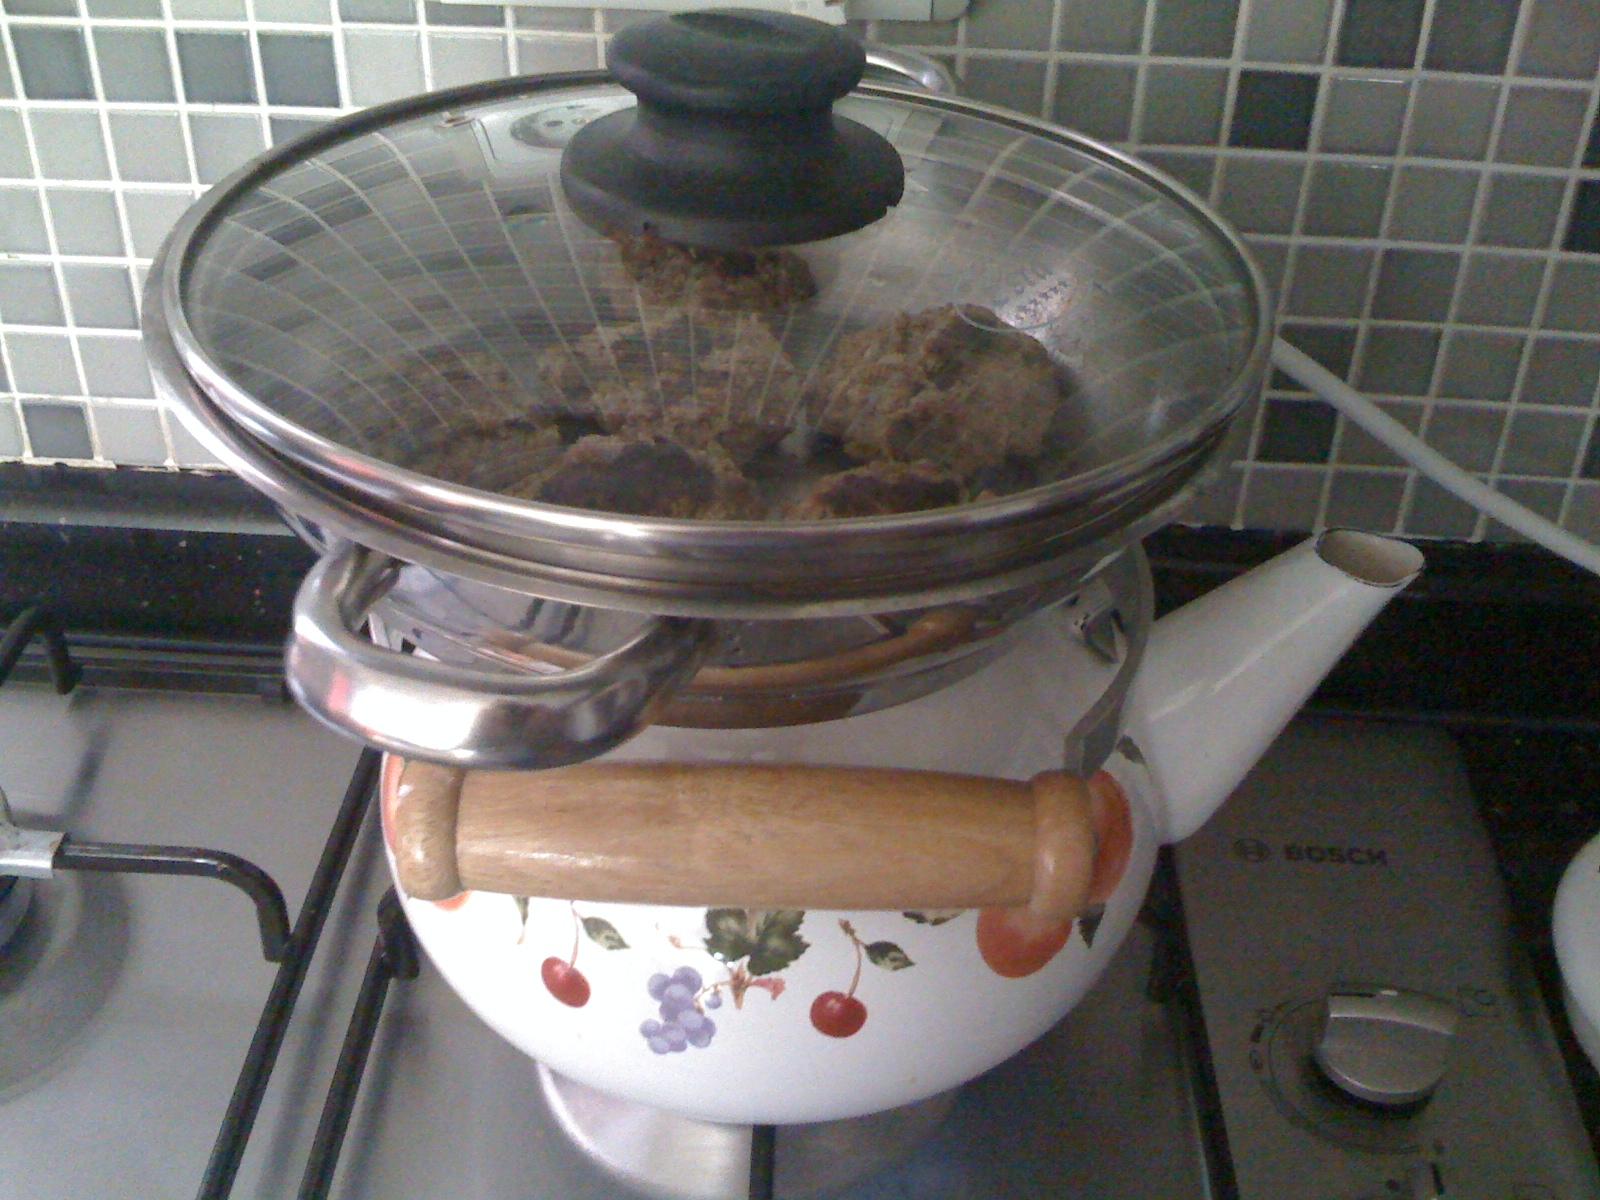 Redmond multivarkında makarna nasıl pişirilir